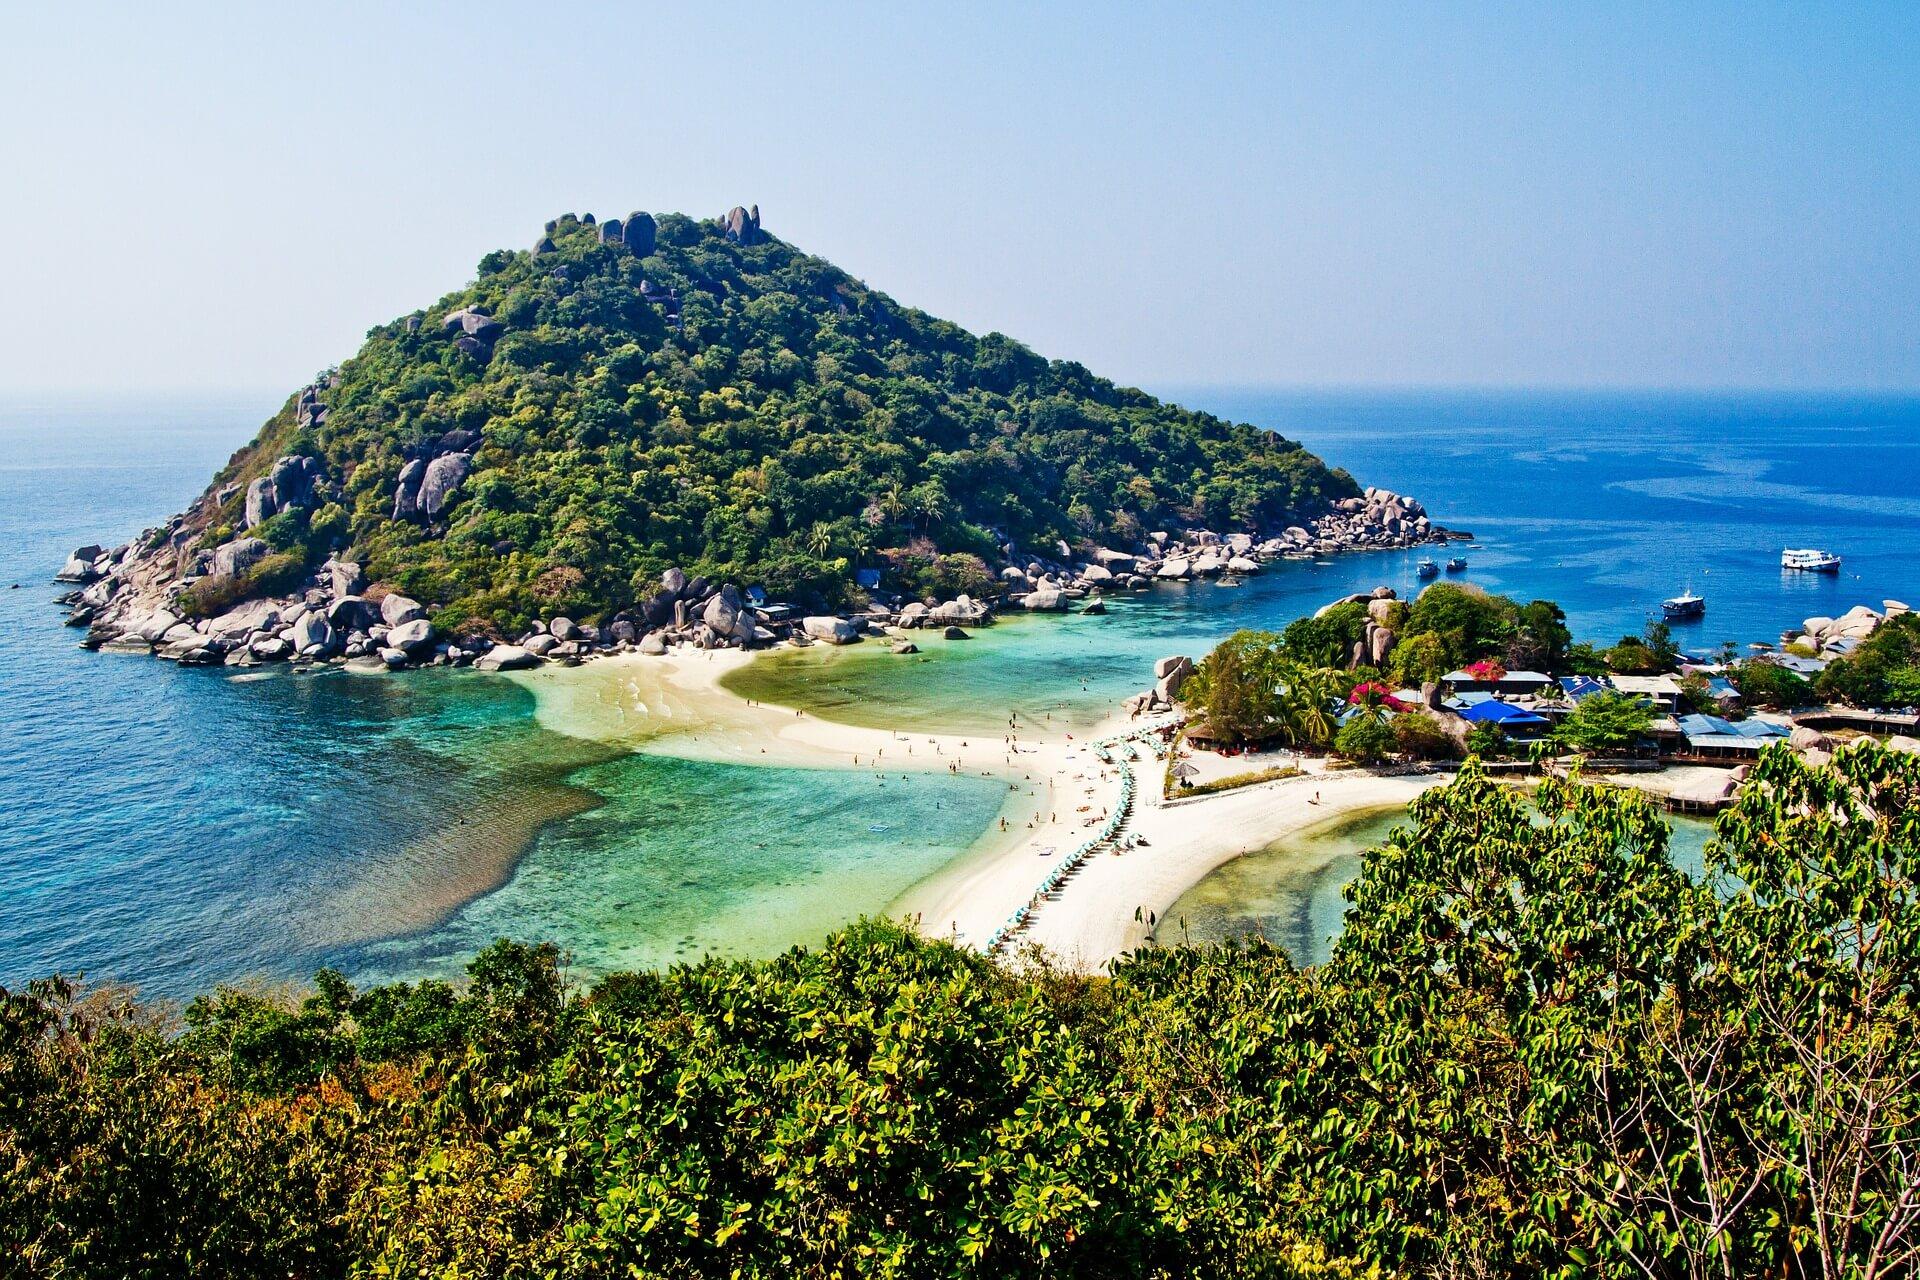 Koh Nang Yuan, Koh Tao, Thailand